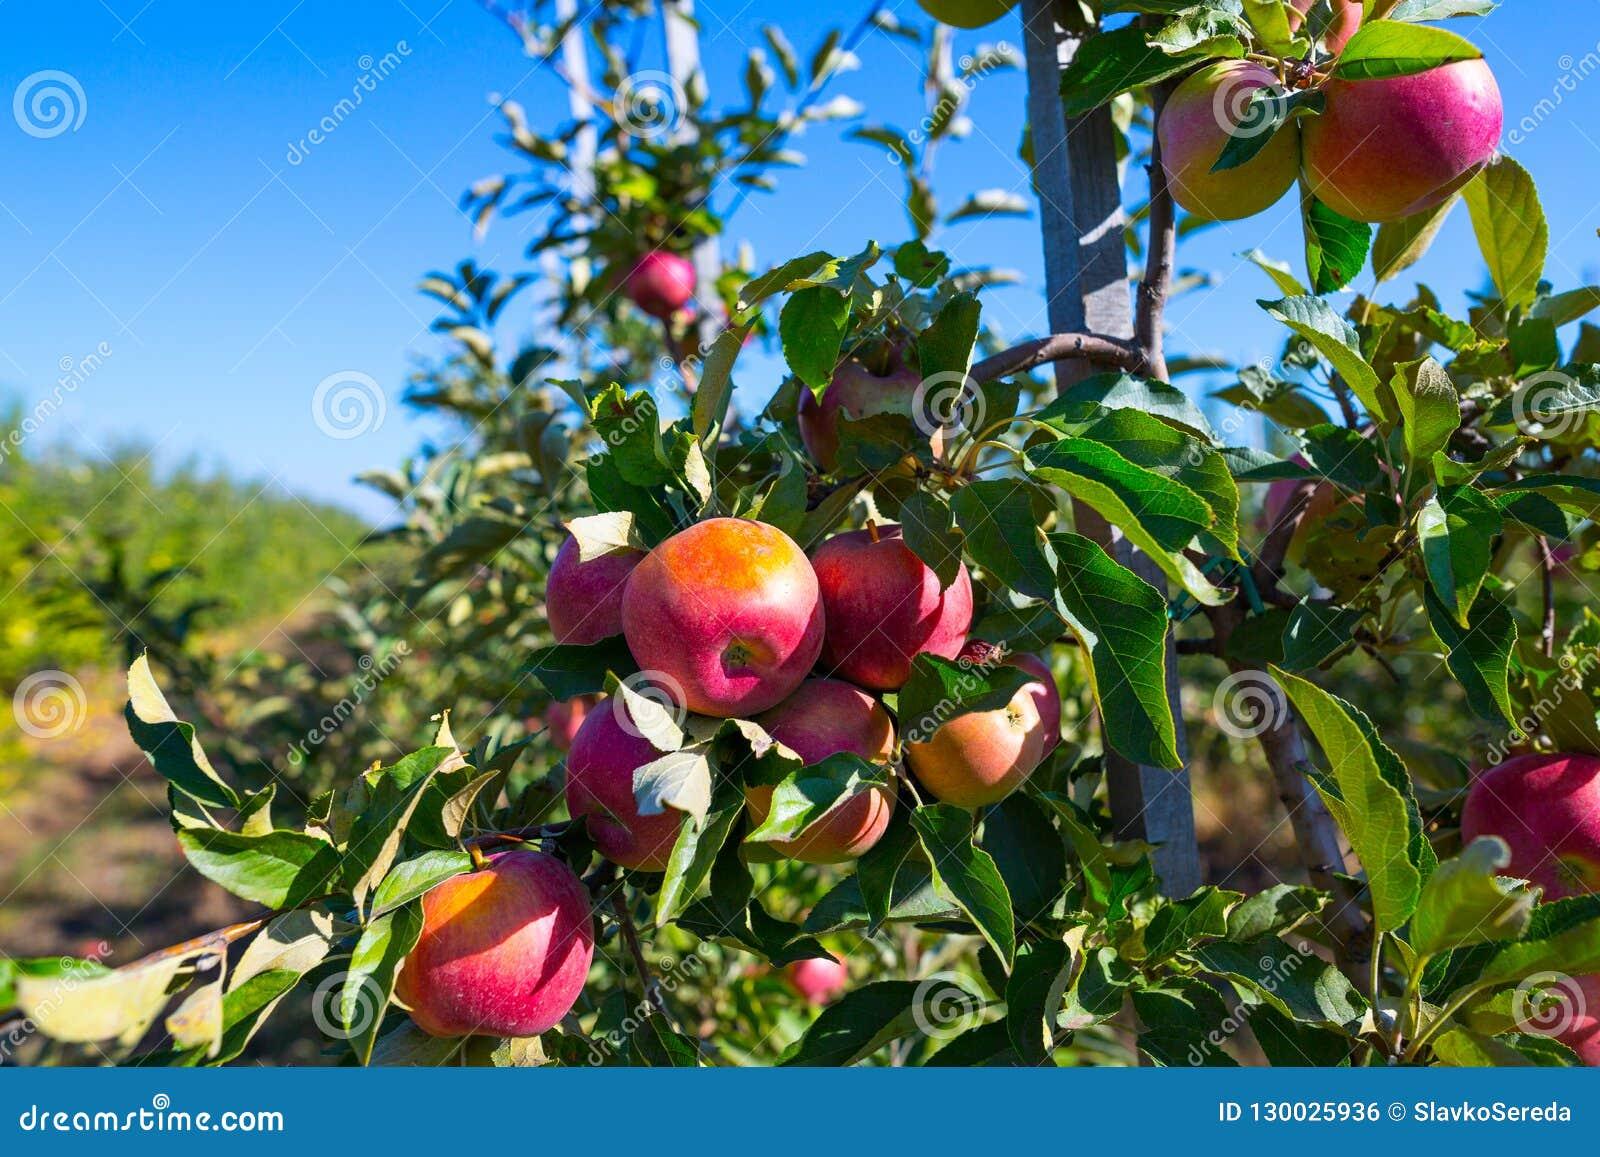 Rijpe vruchten van rode appelen op de takken van jonge appelbomen